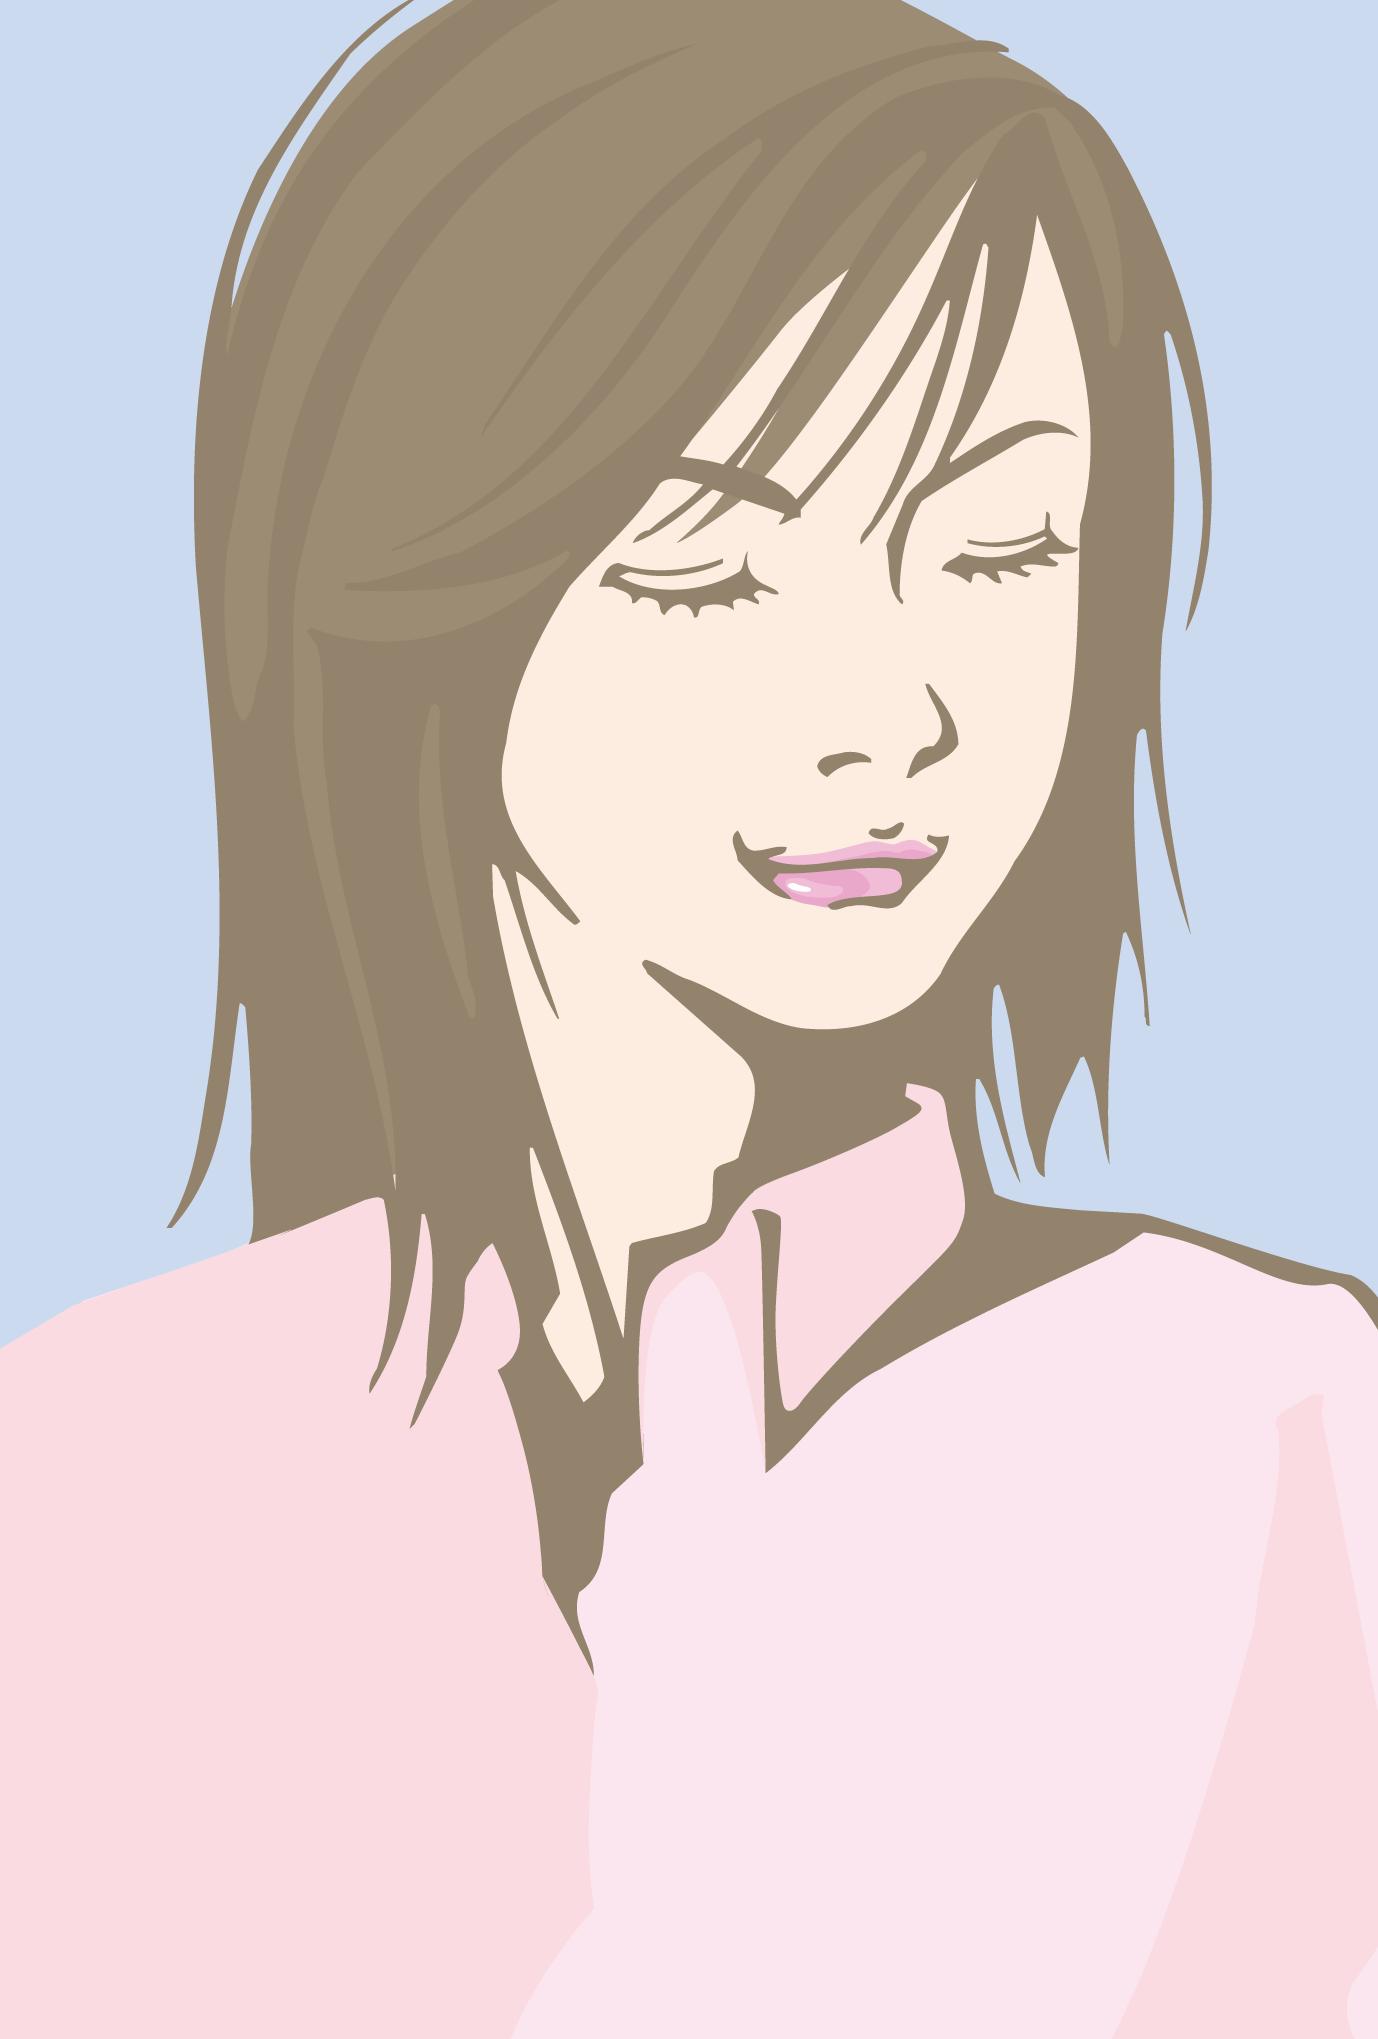 ポストカード11:Girl 3のダウンロード画像